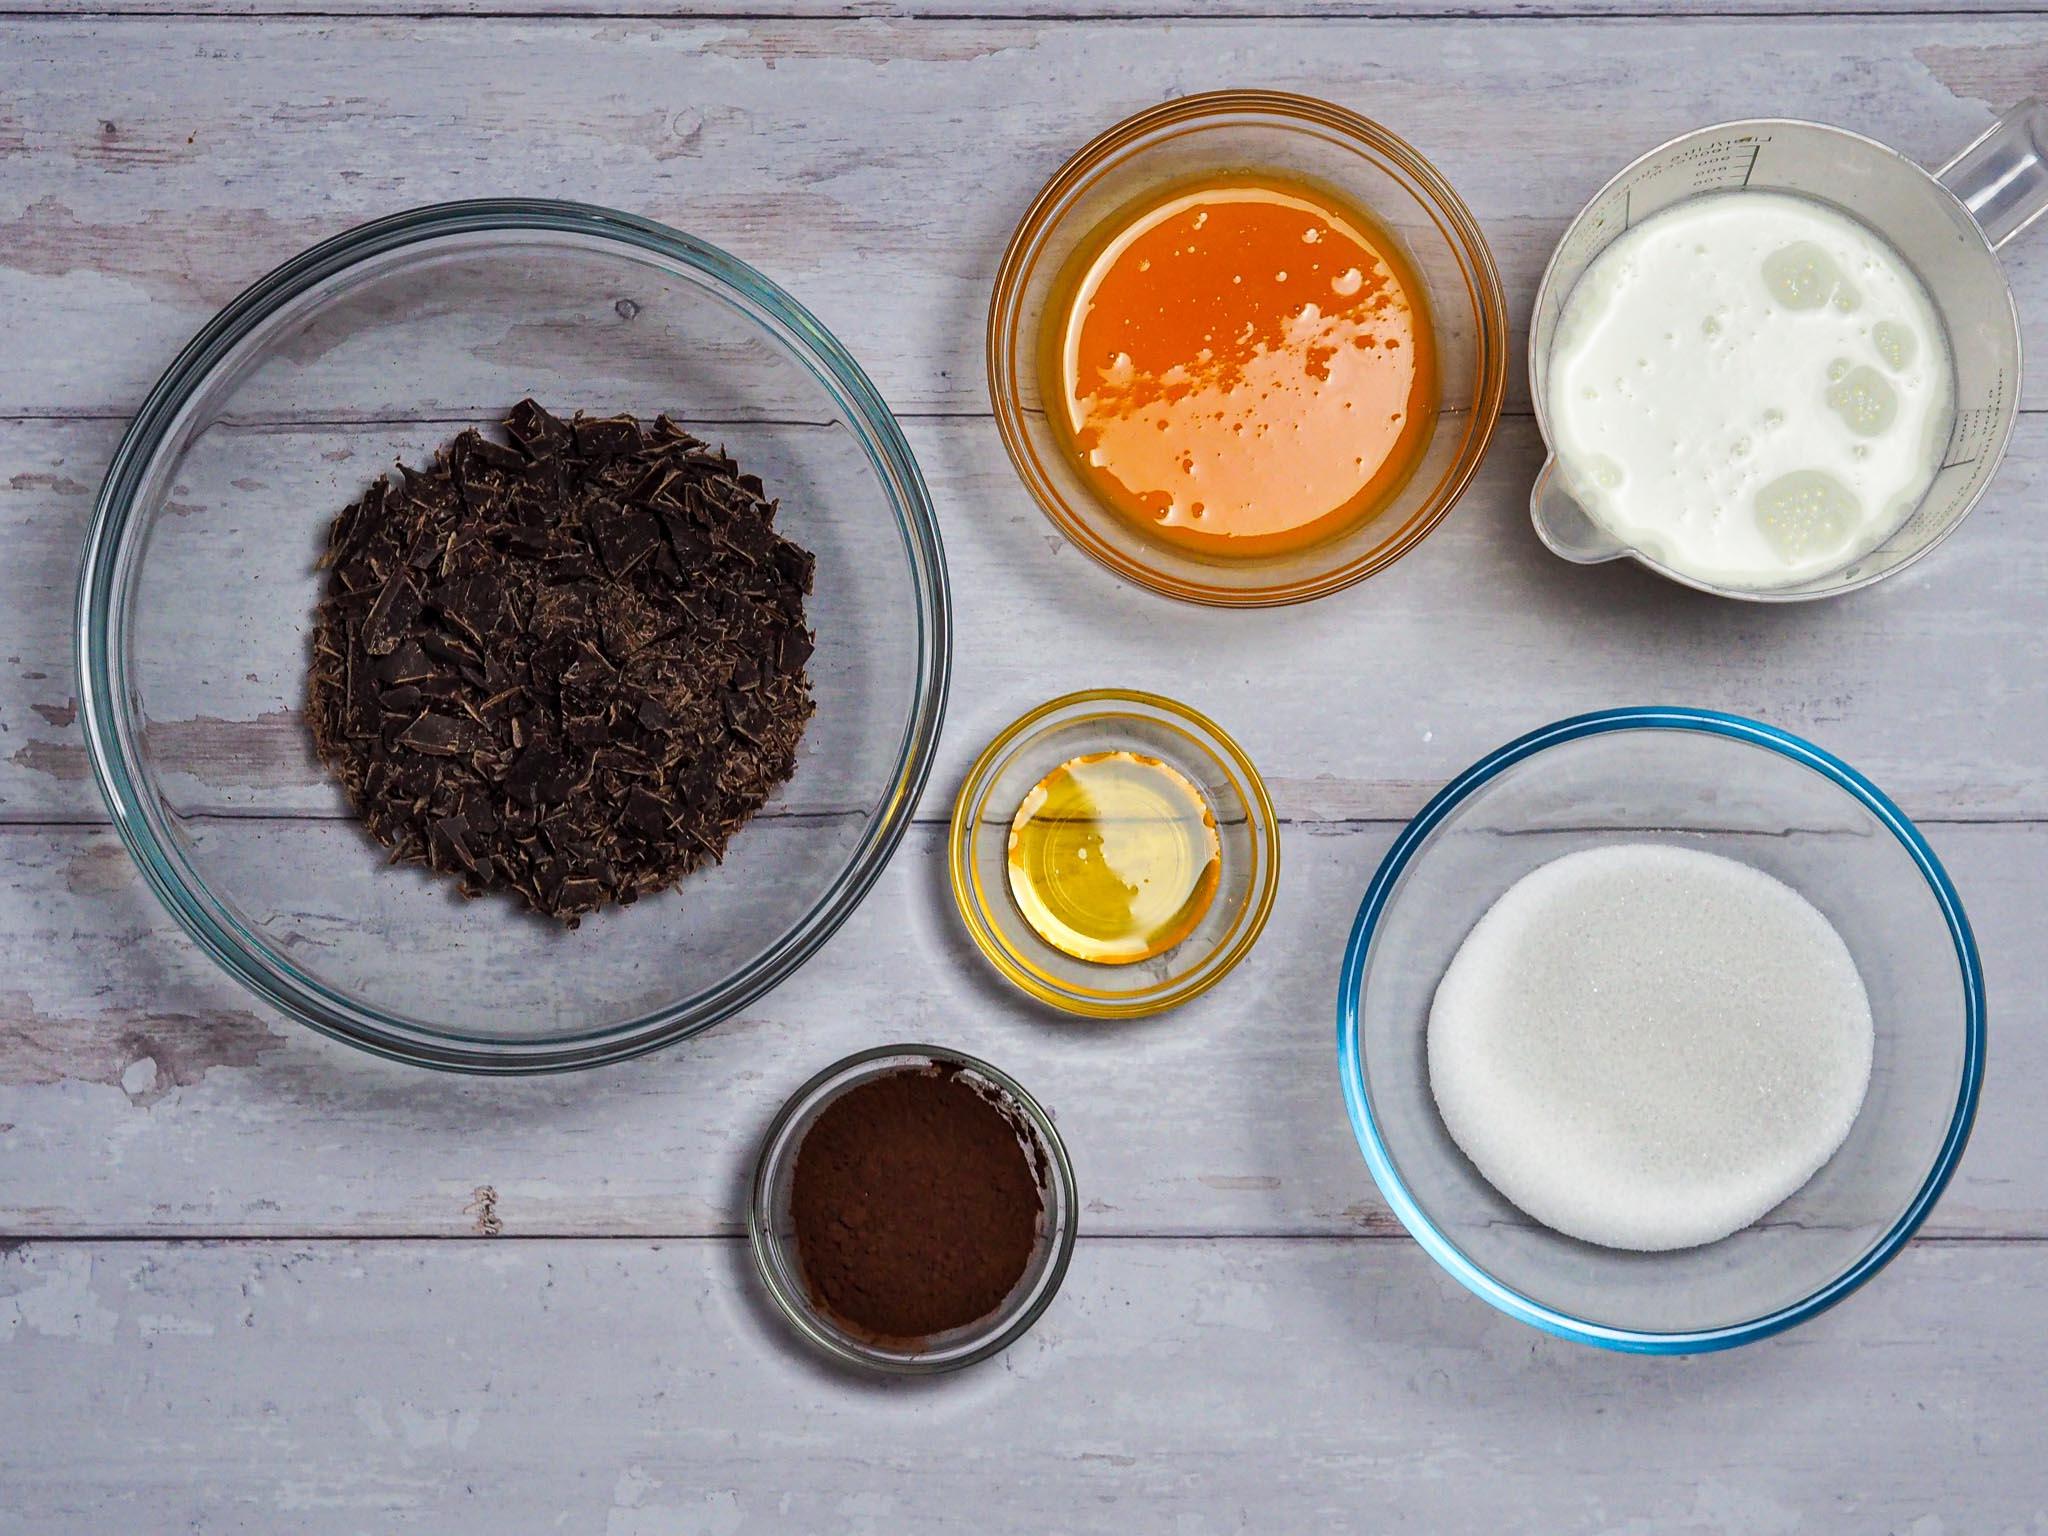 Double chocolate icecream ingredients.jpg